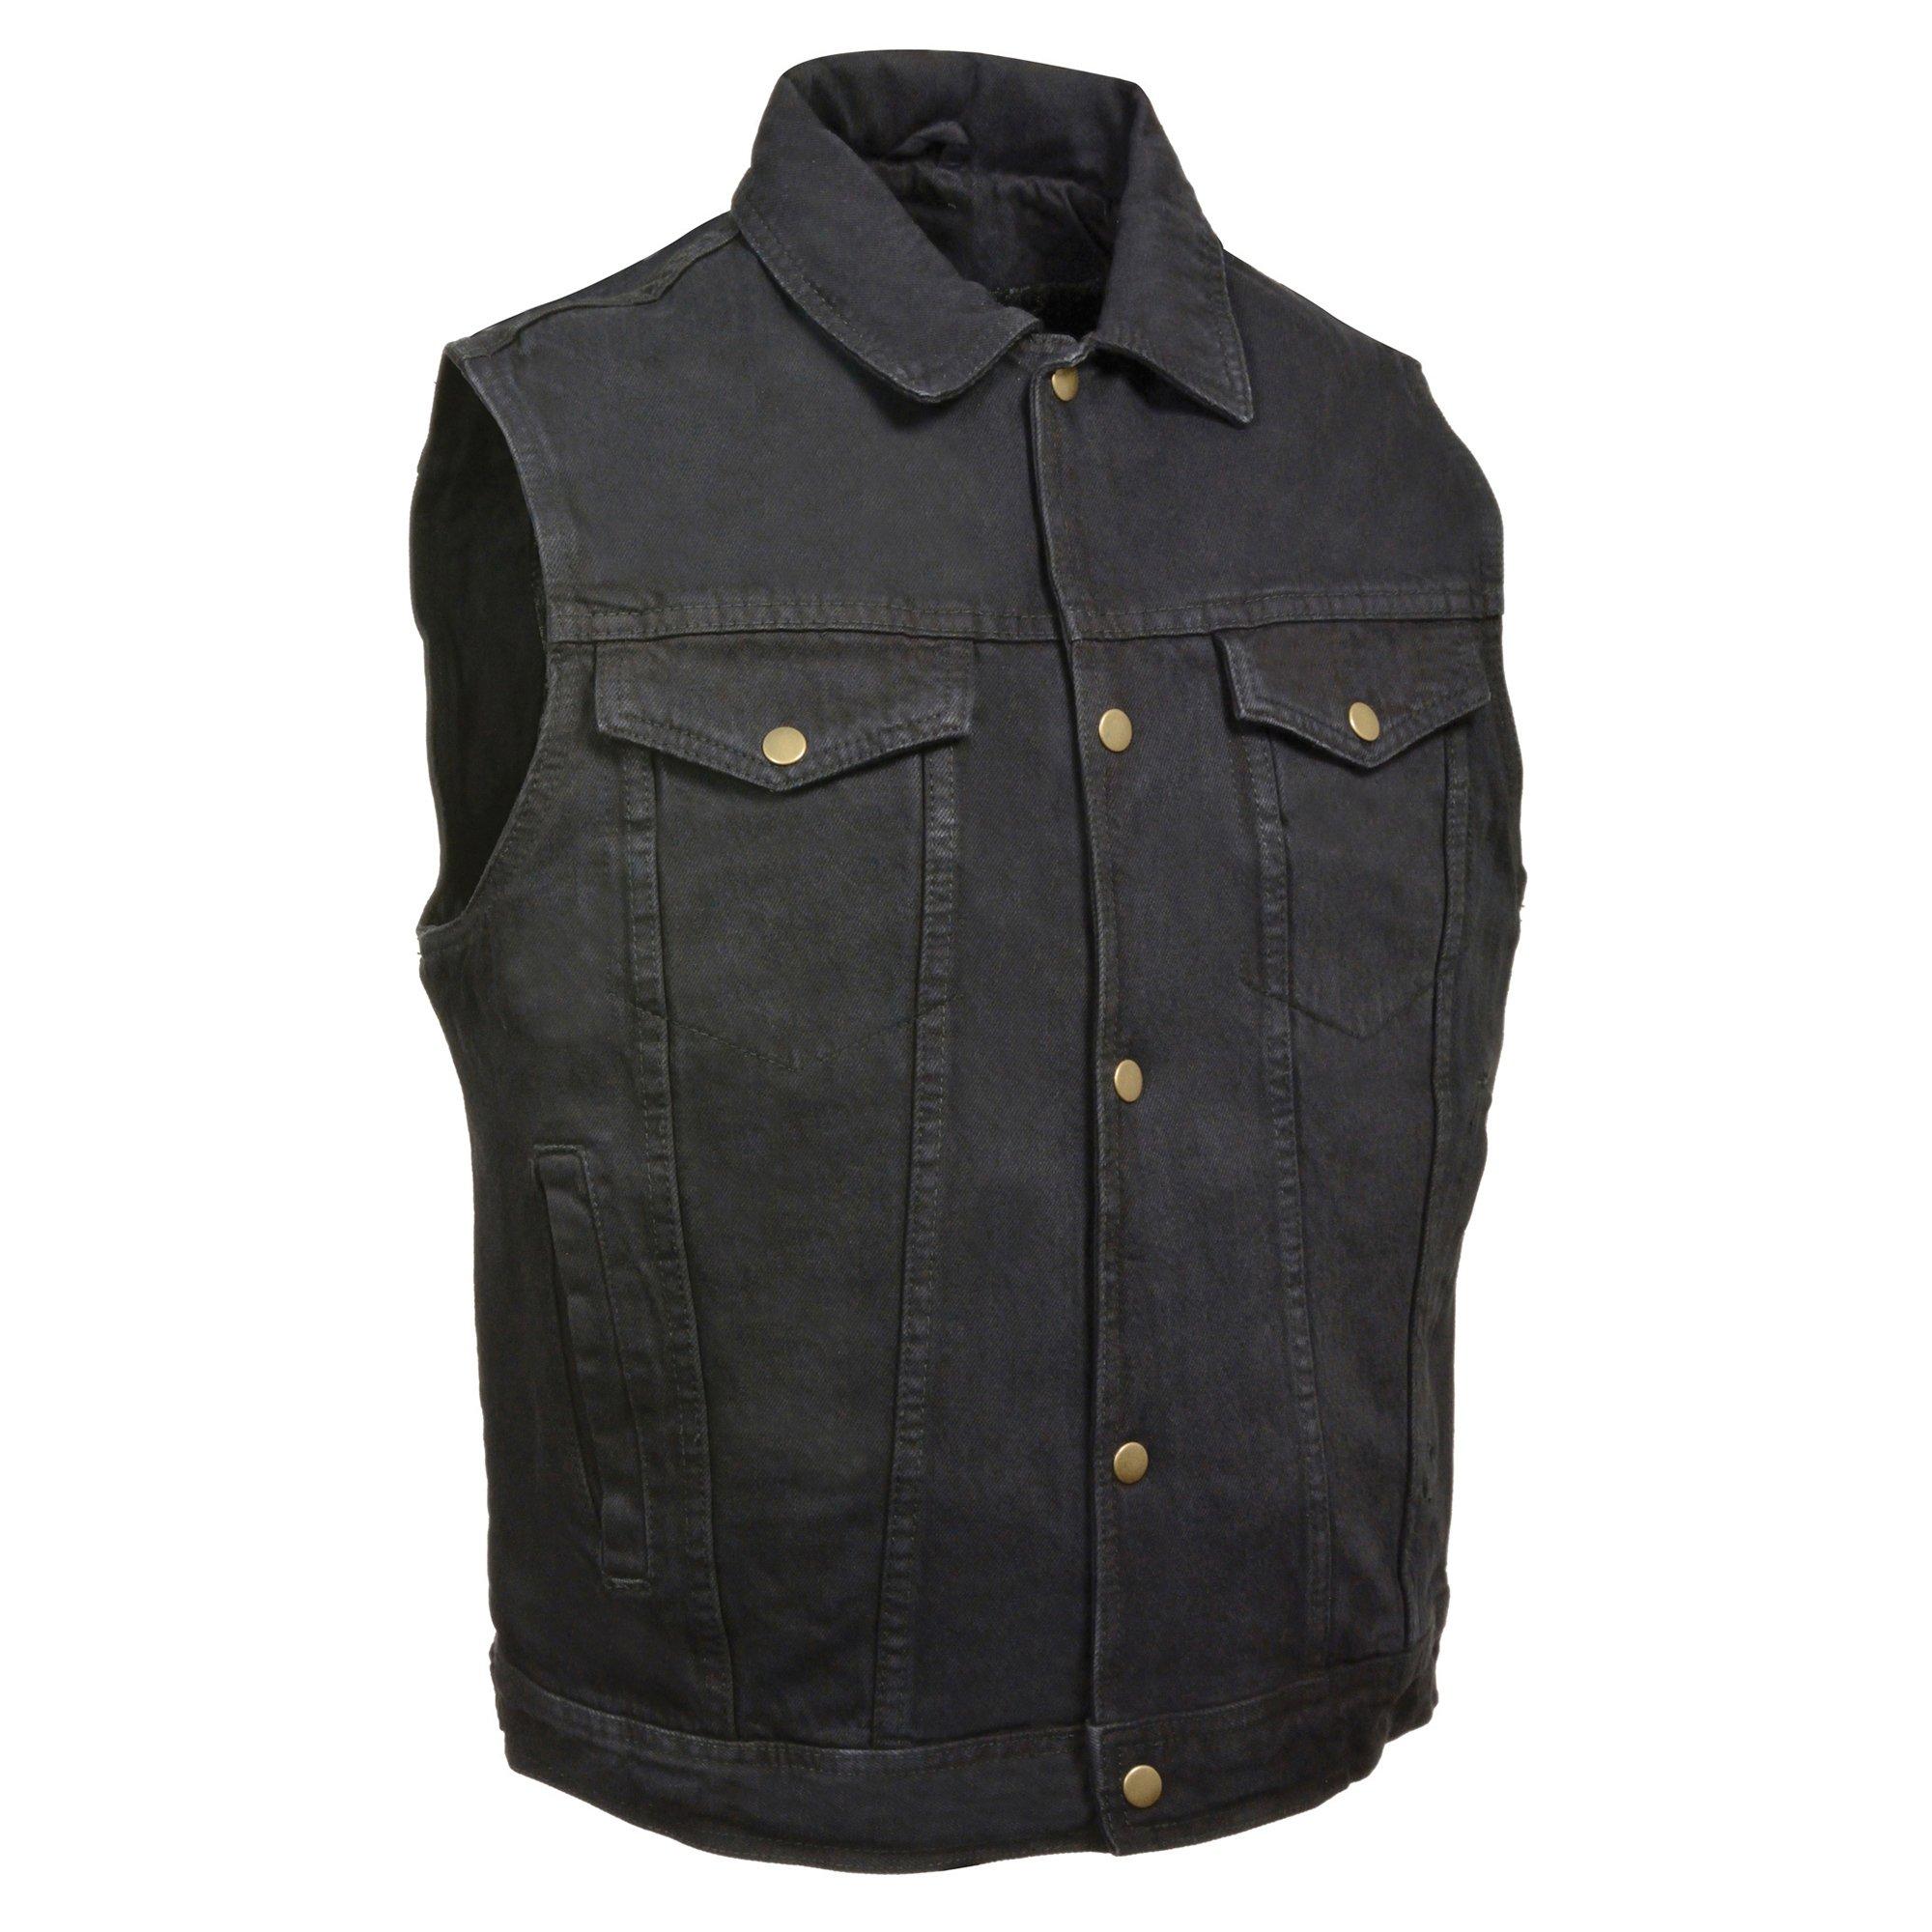 ZOOM LEATHER-Men's Snap Front Denim Vest w/Shirt Collar-BLACK-MD